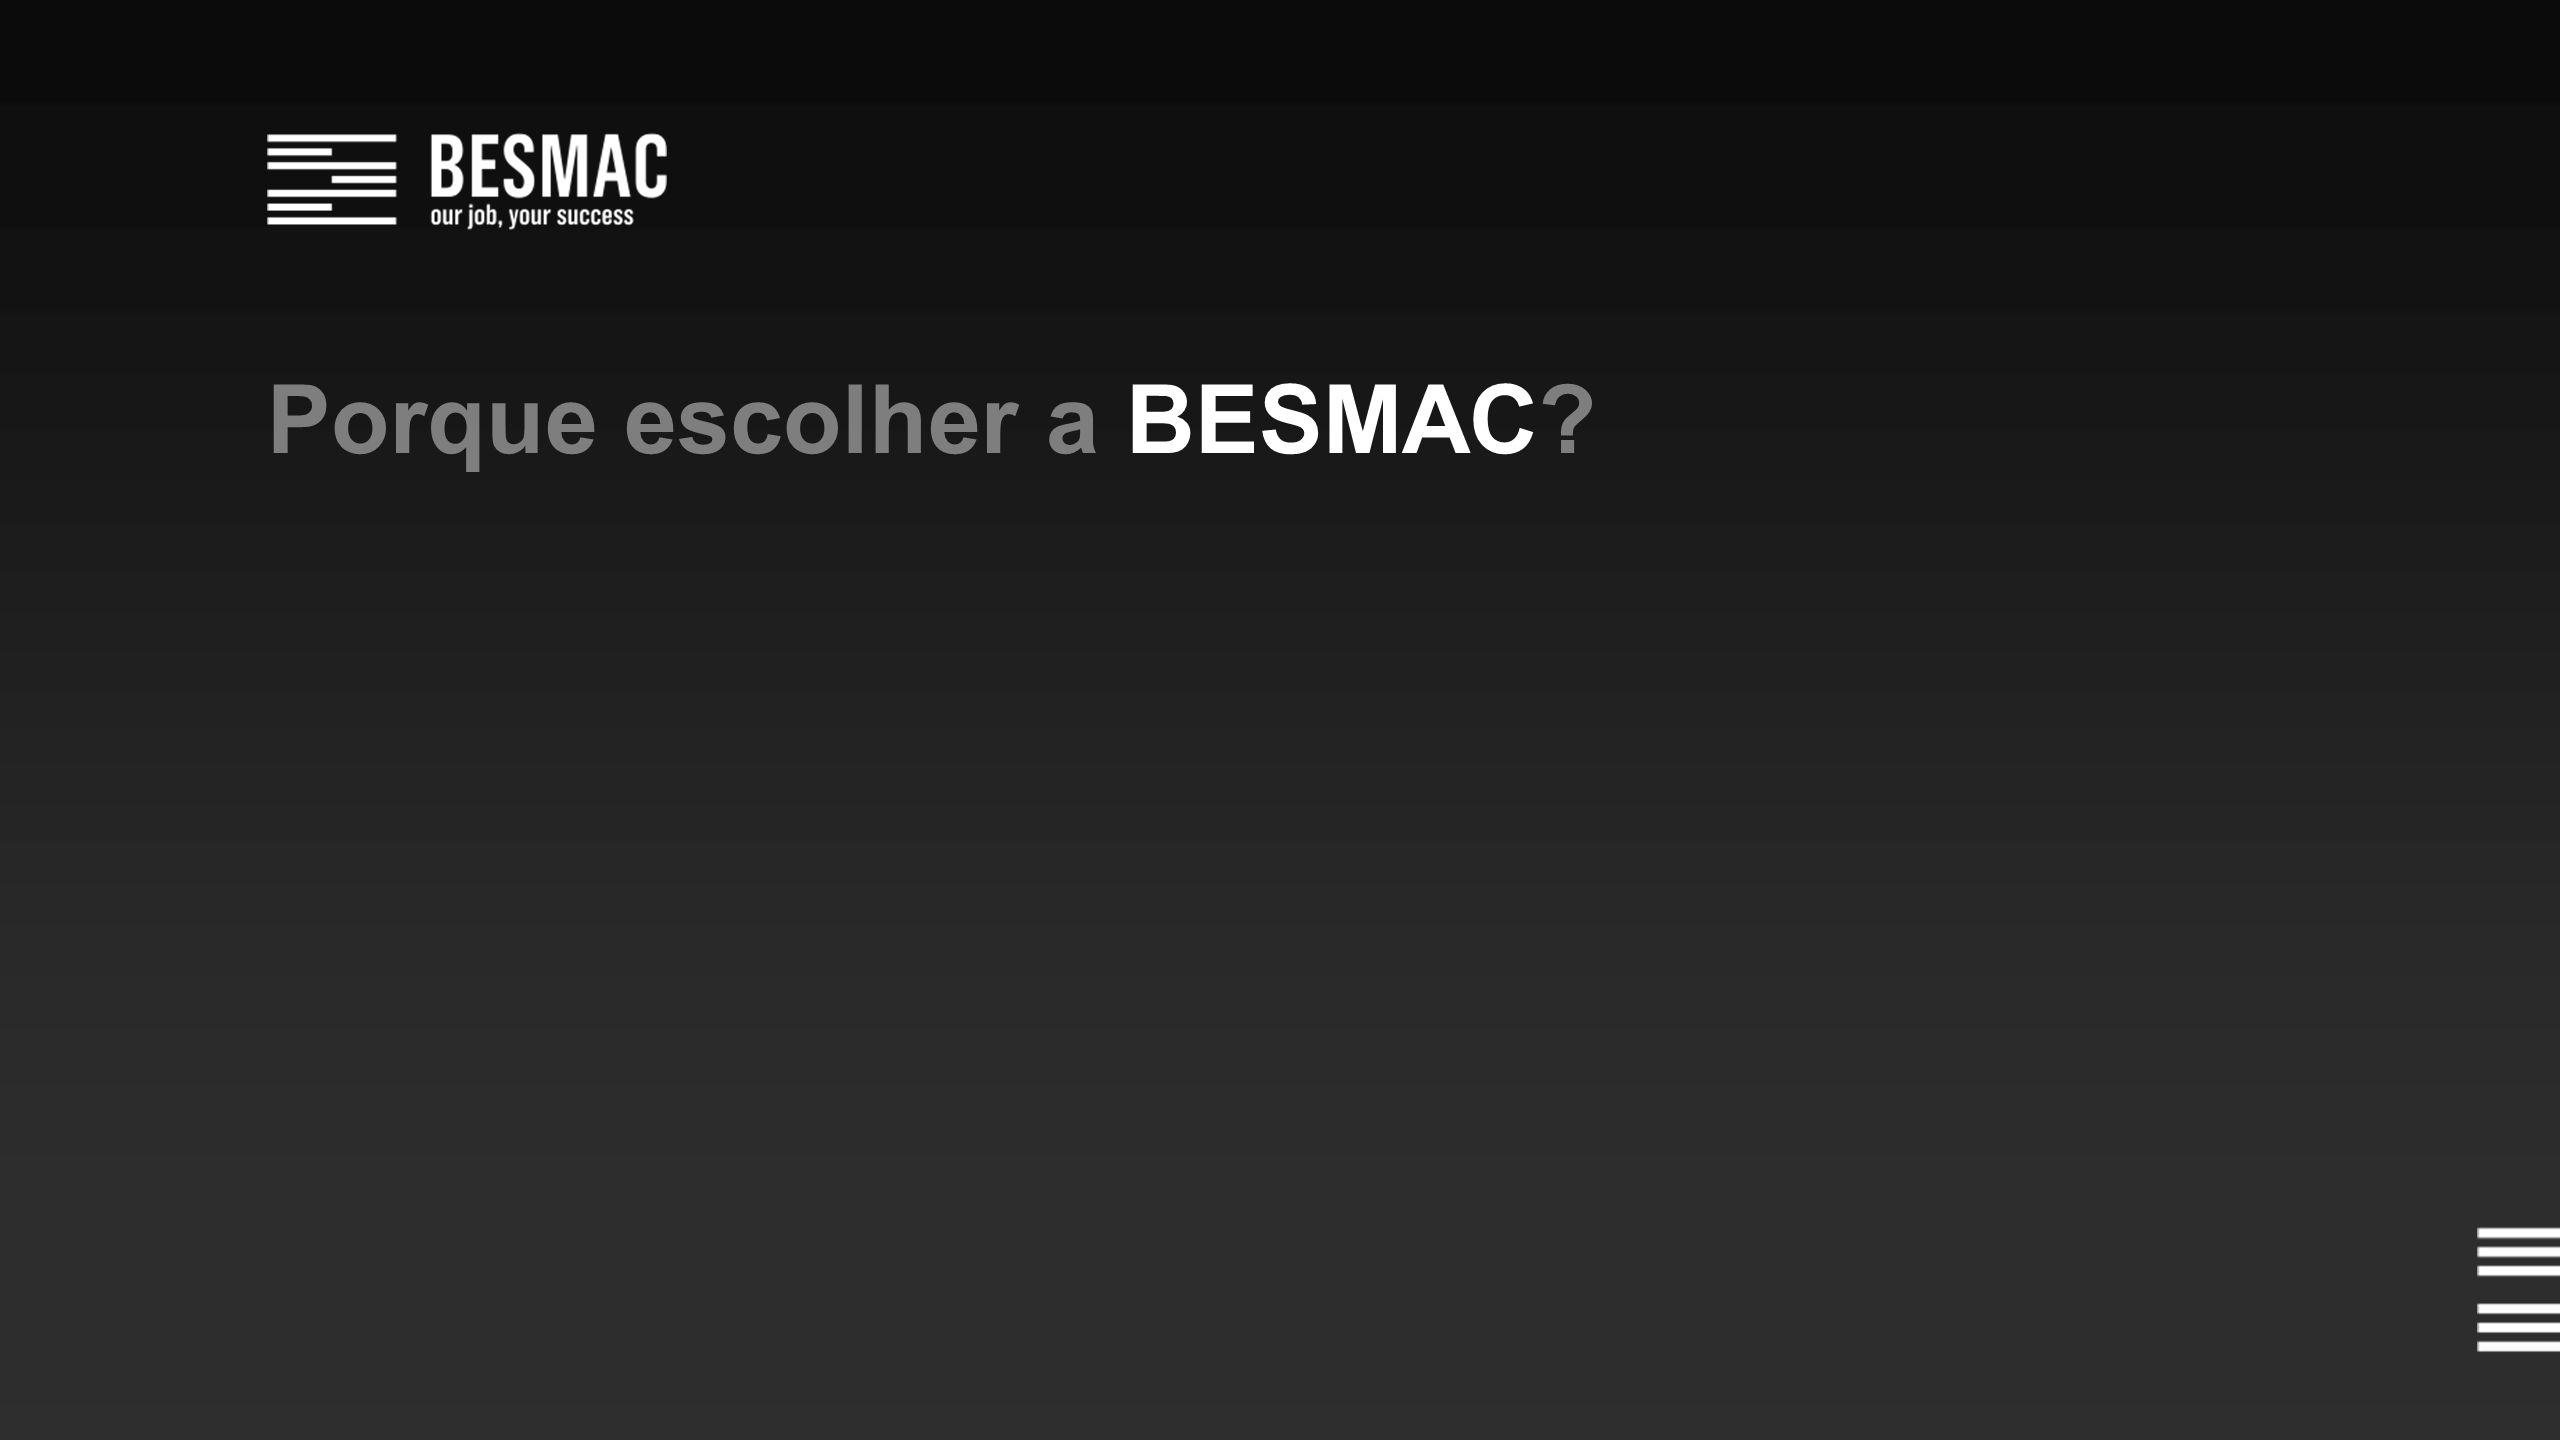 Porque escolher a BESMAC